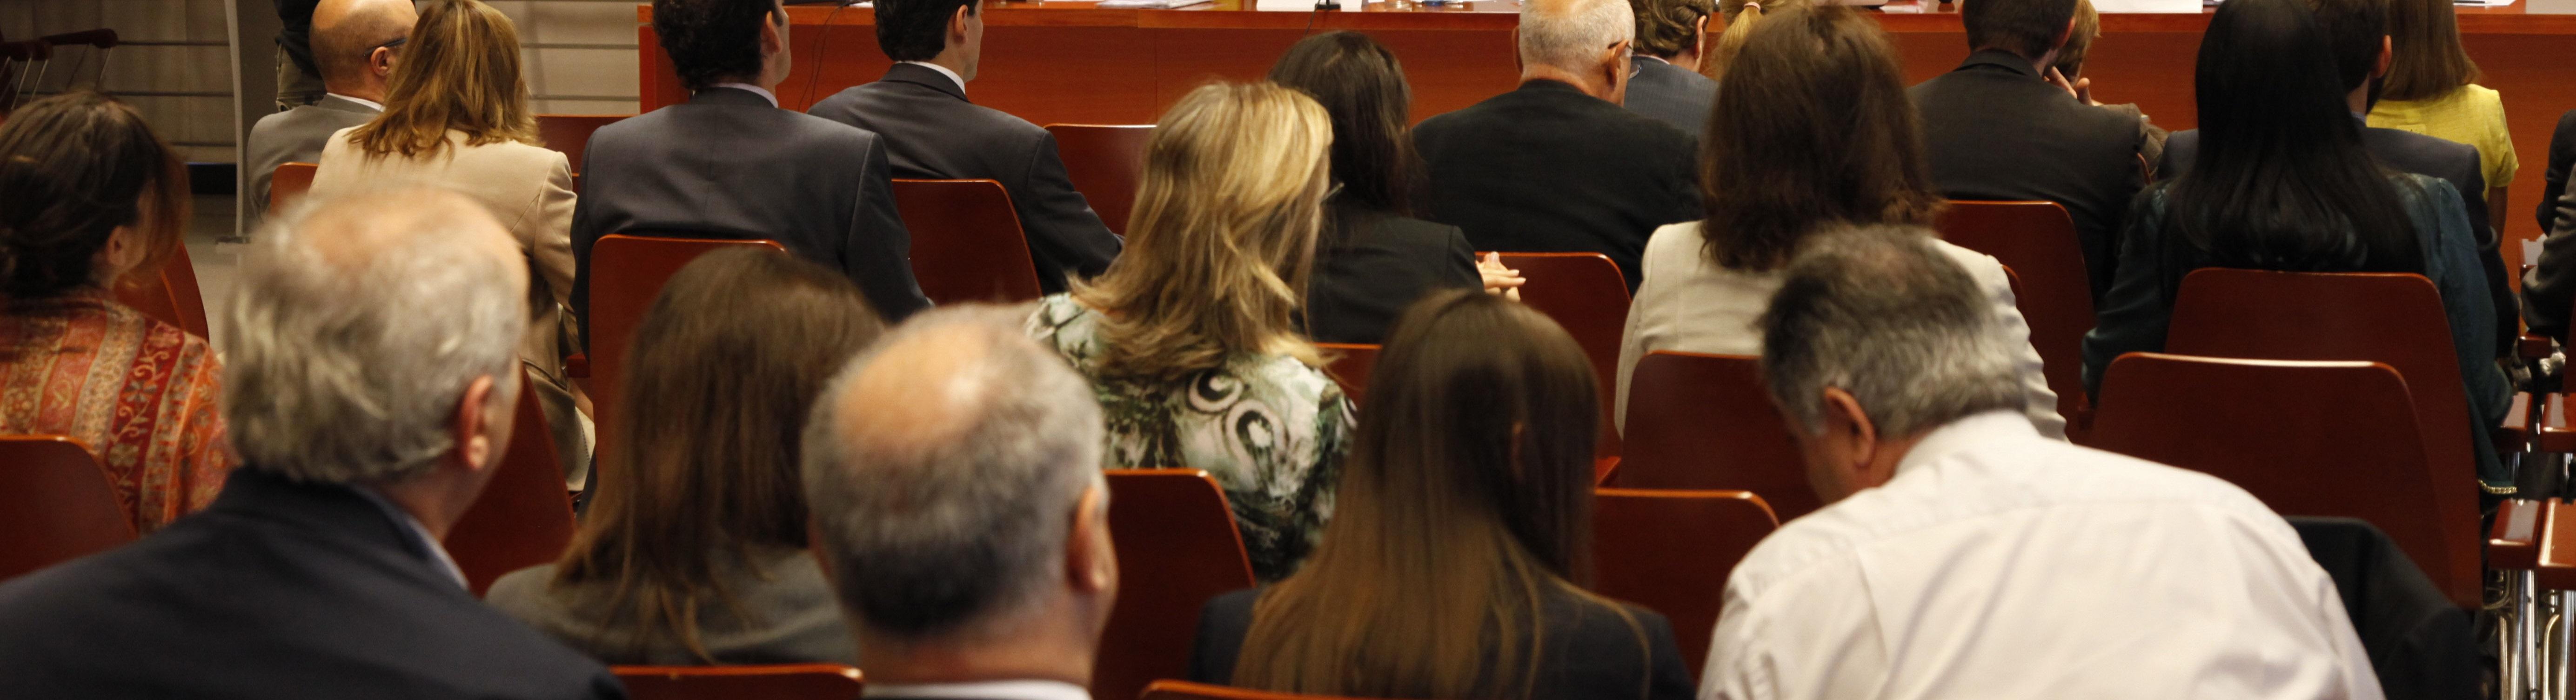 Código Penal: Una mala reforma que dará consistencia al Corporate Compliance